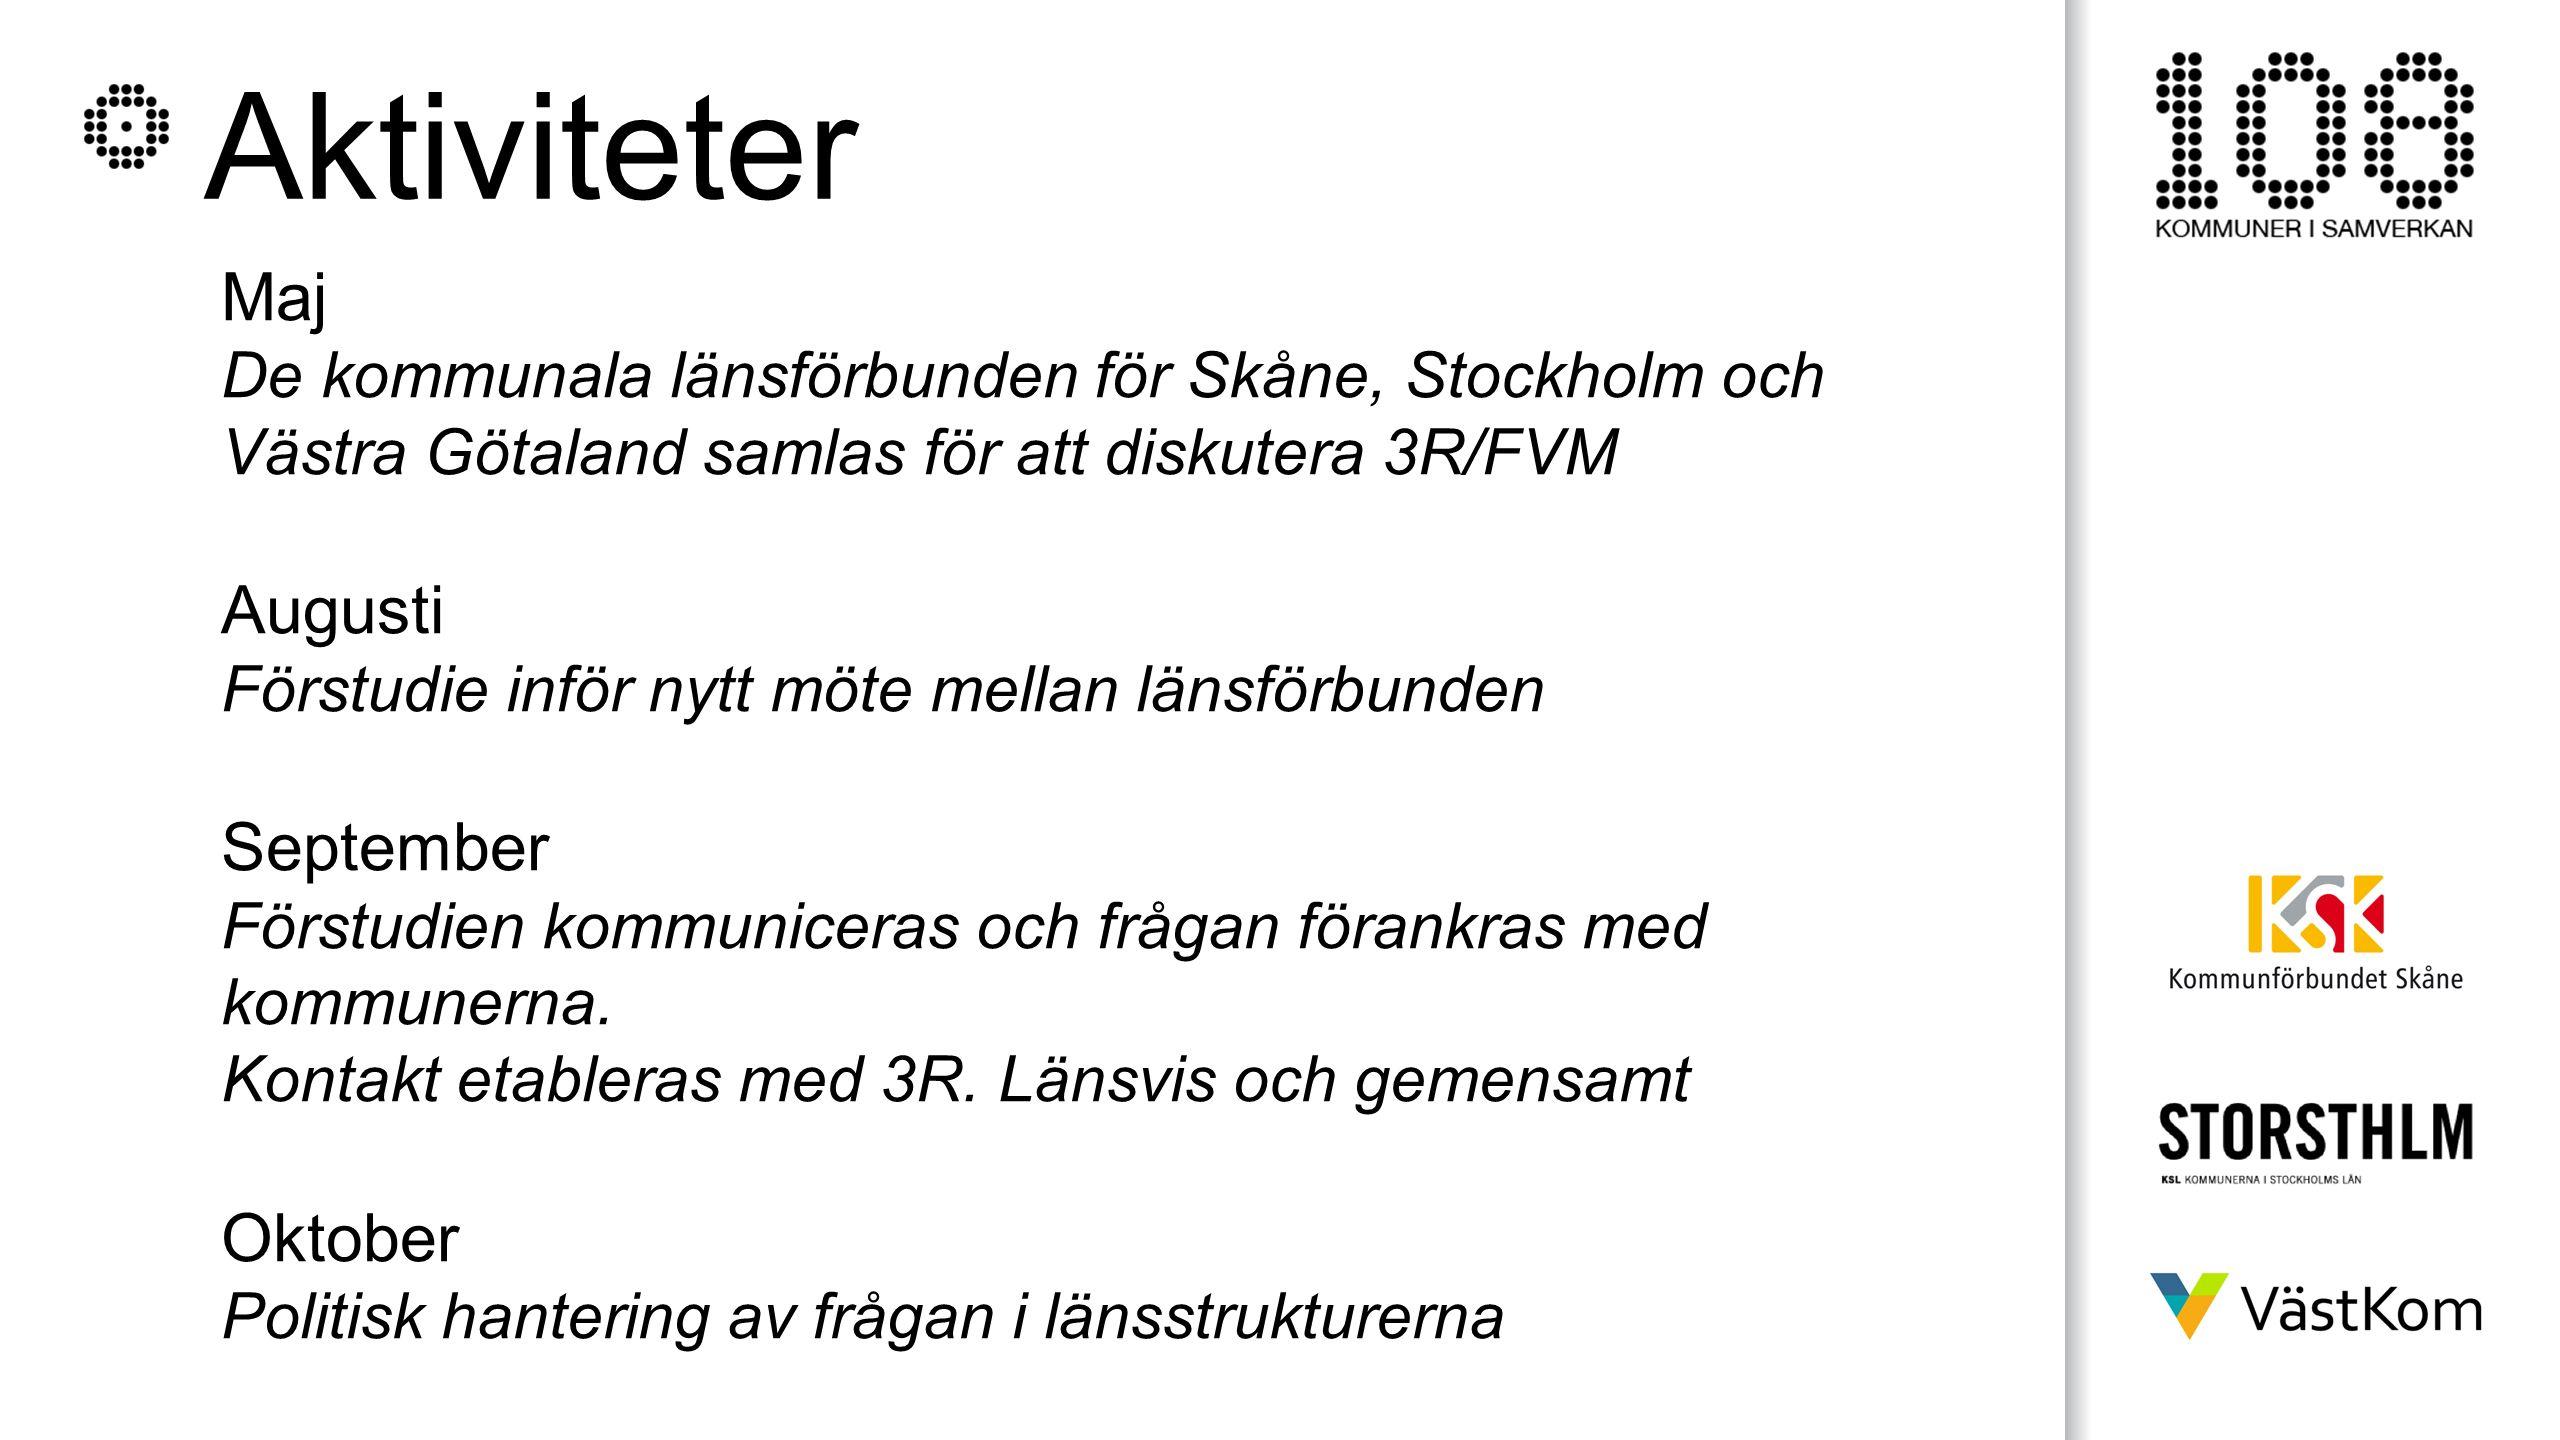 Aktiviteter Maj De kommunala länsförbunden för Skåne, Stockholm och Västra Götaland samlas för att diskutera 3R/FVM Augusti Förstudie inför nytt möte